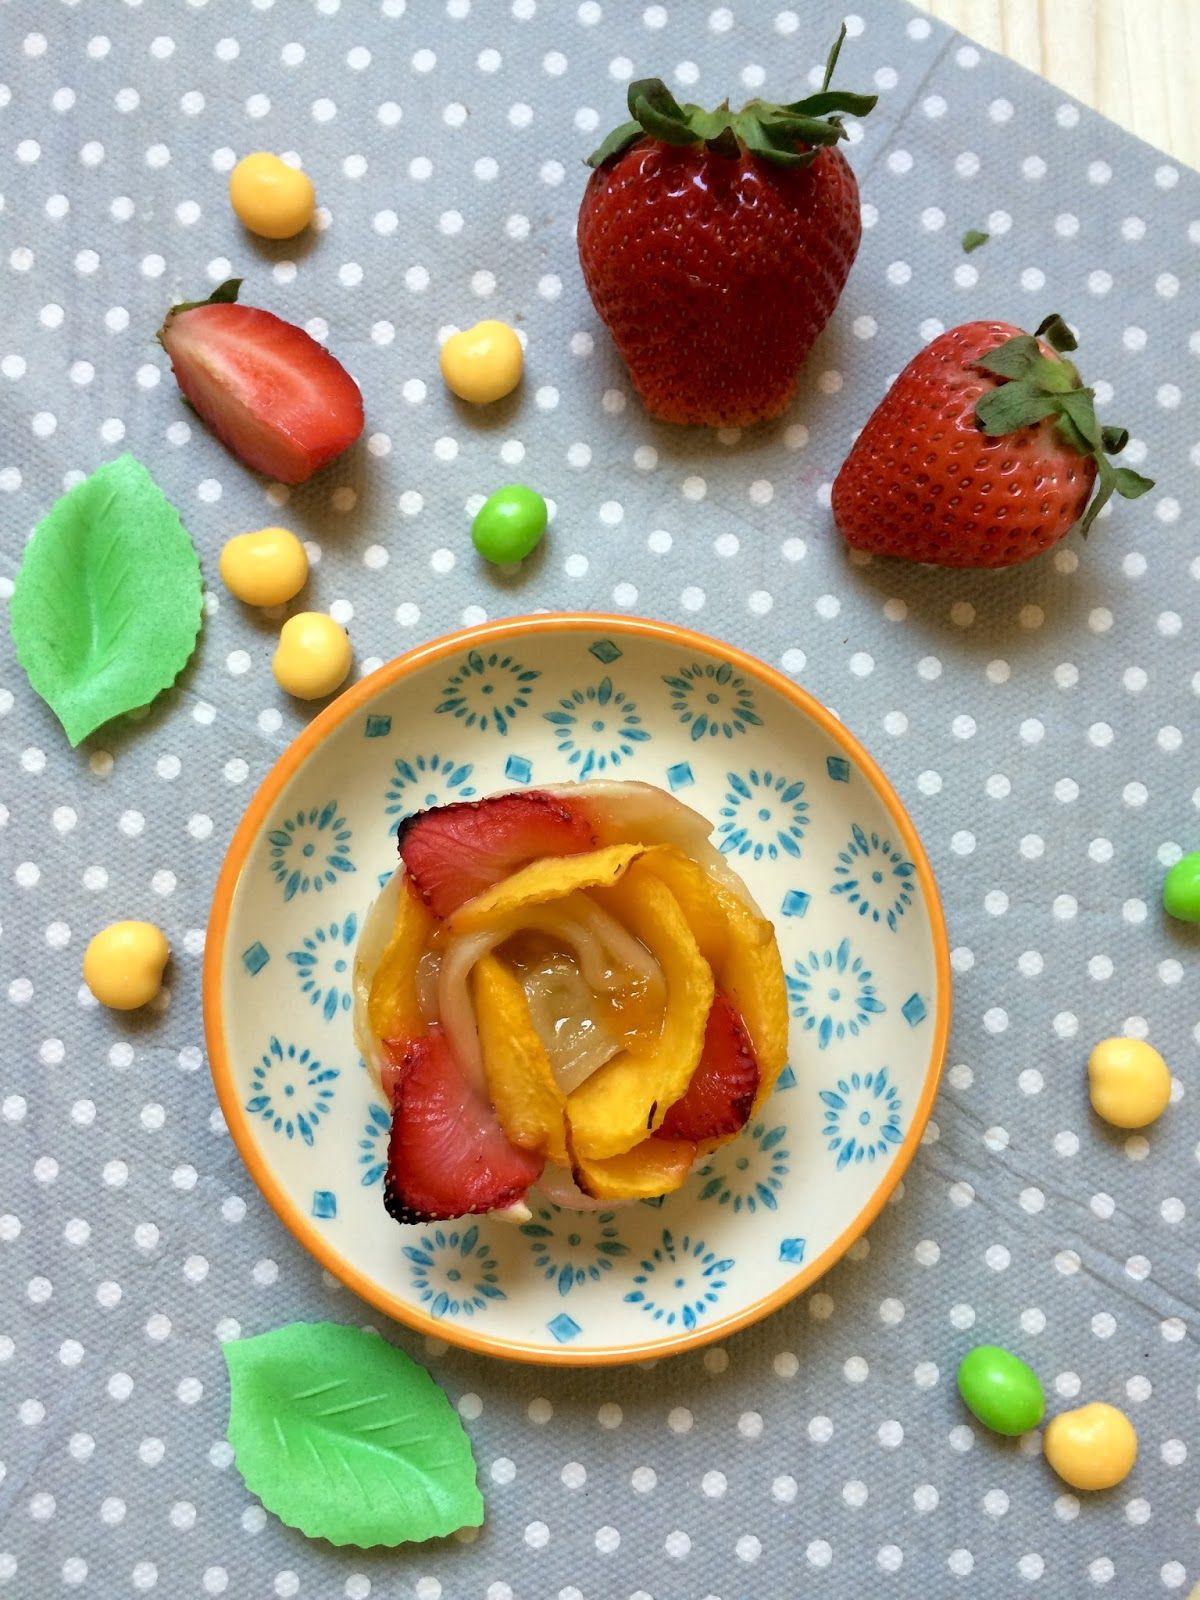 Rosas de hojaldre de melocotón y fresa